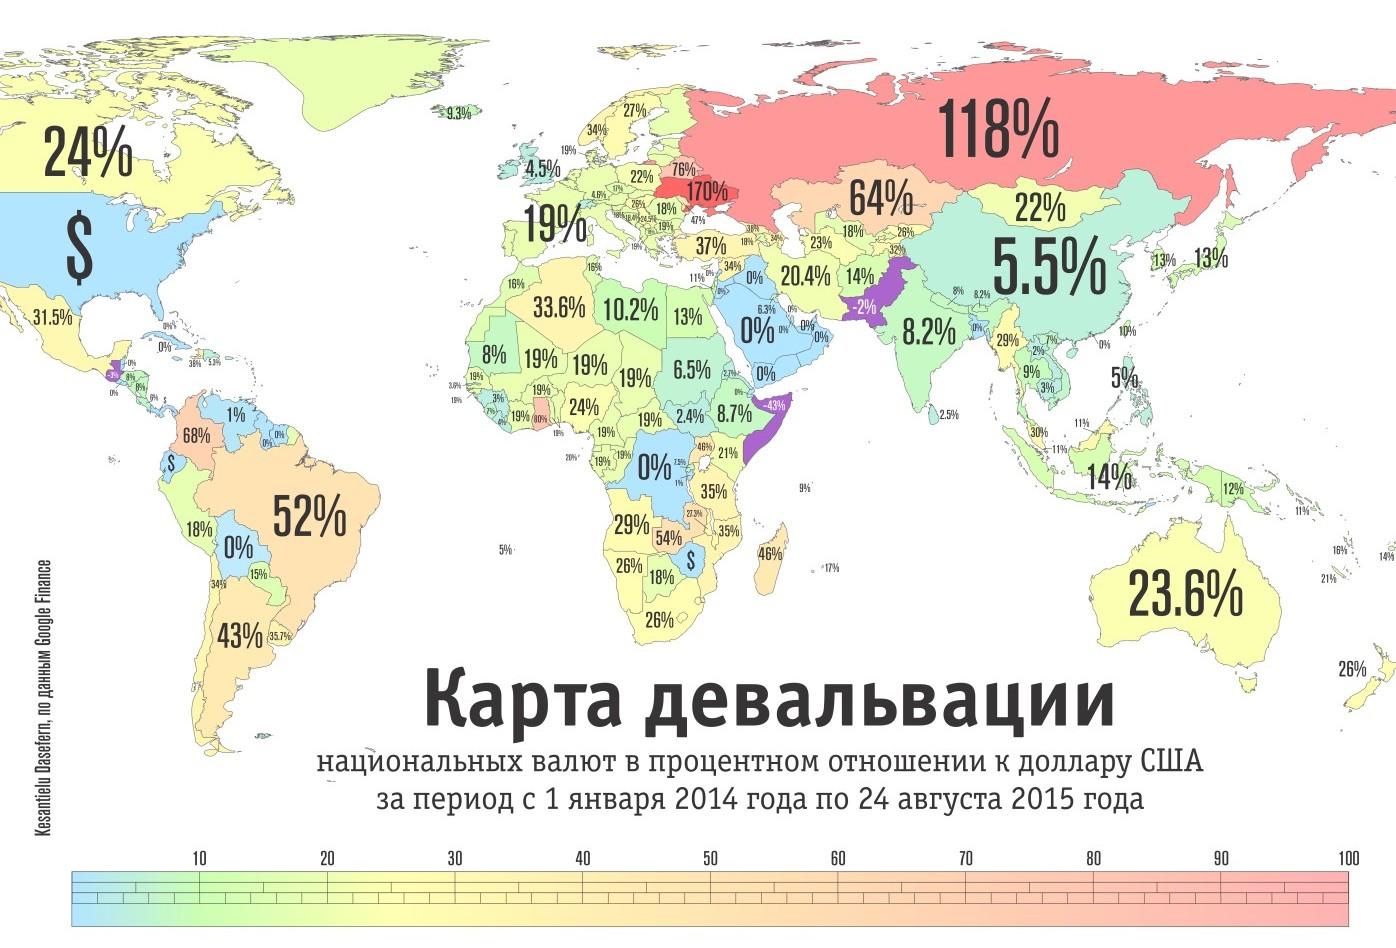 Тенге поплыл: почему в Казахстане произошла - РБК